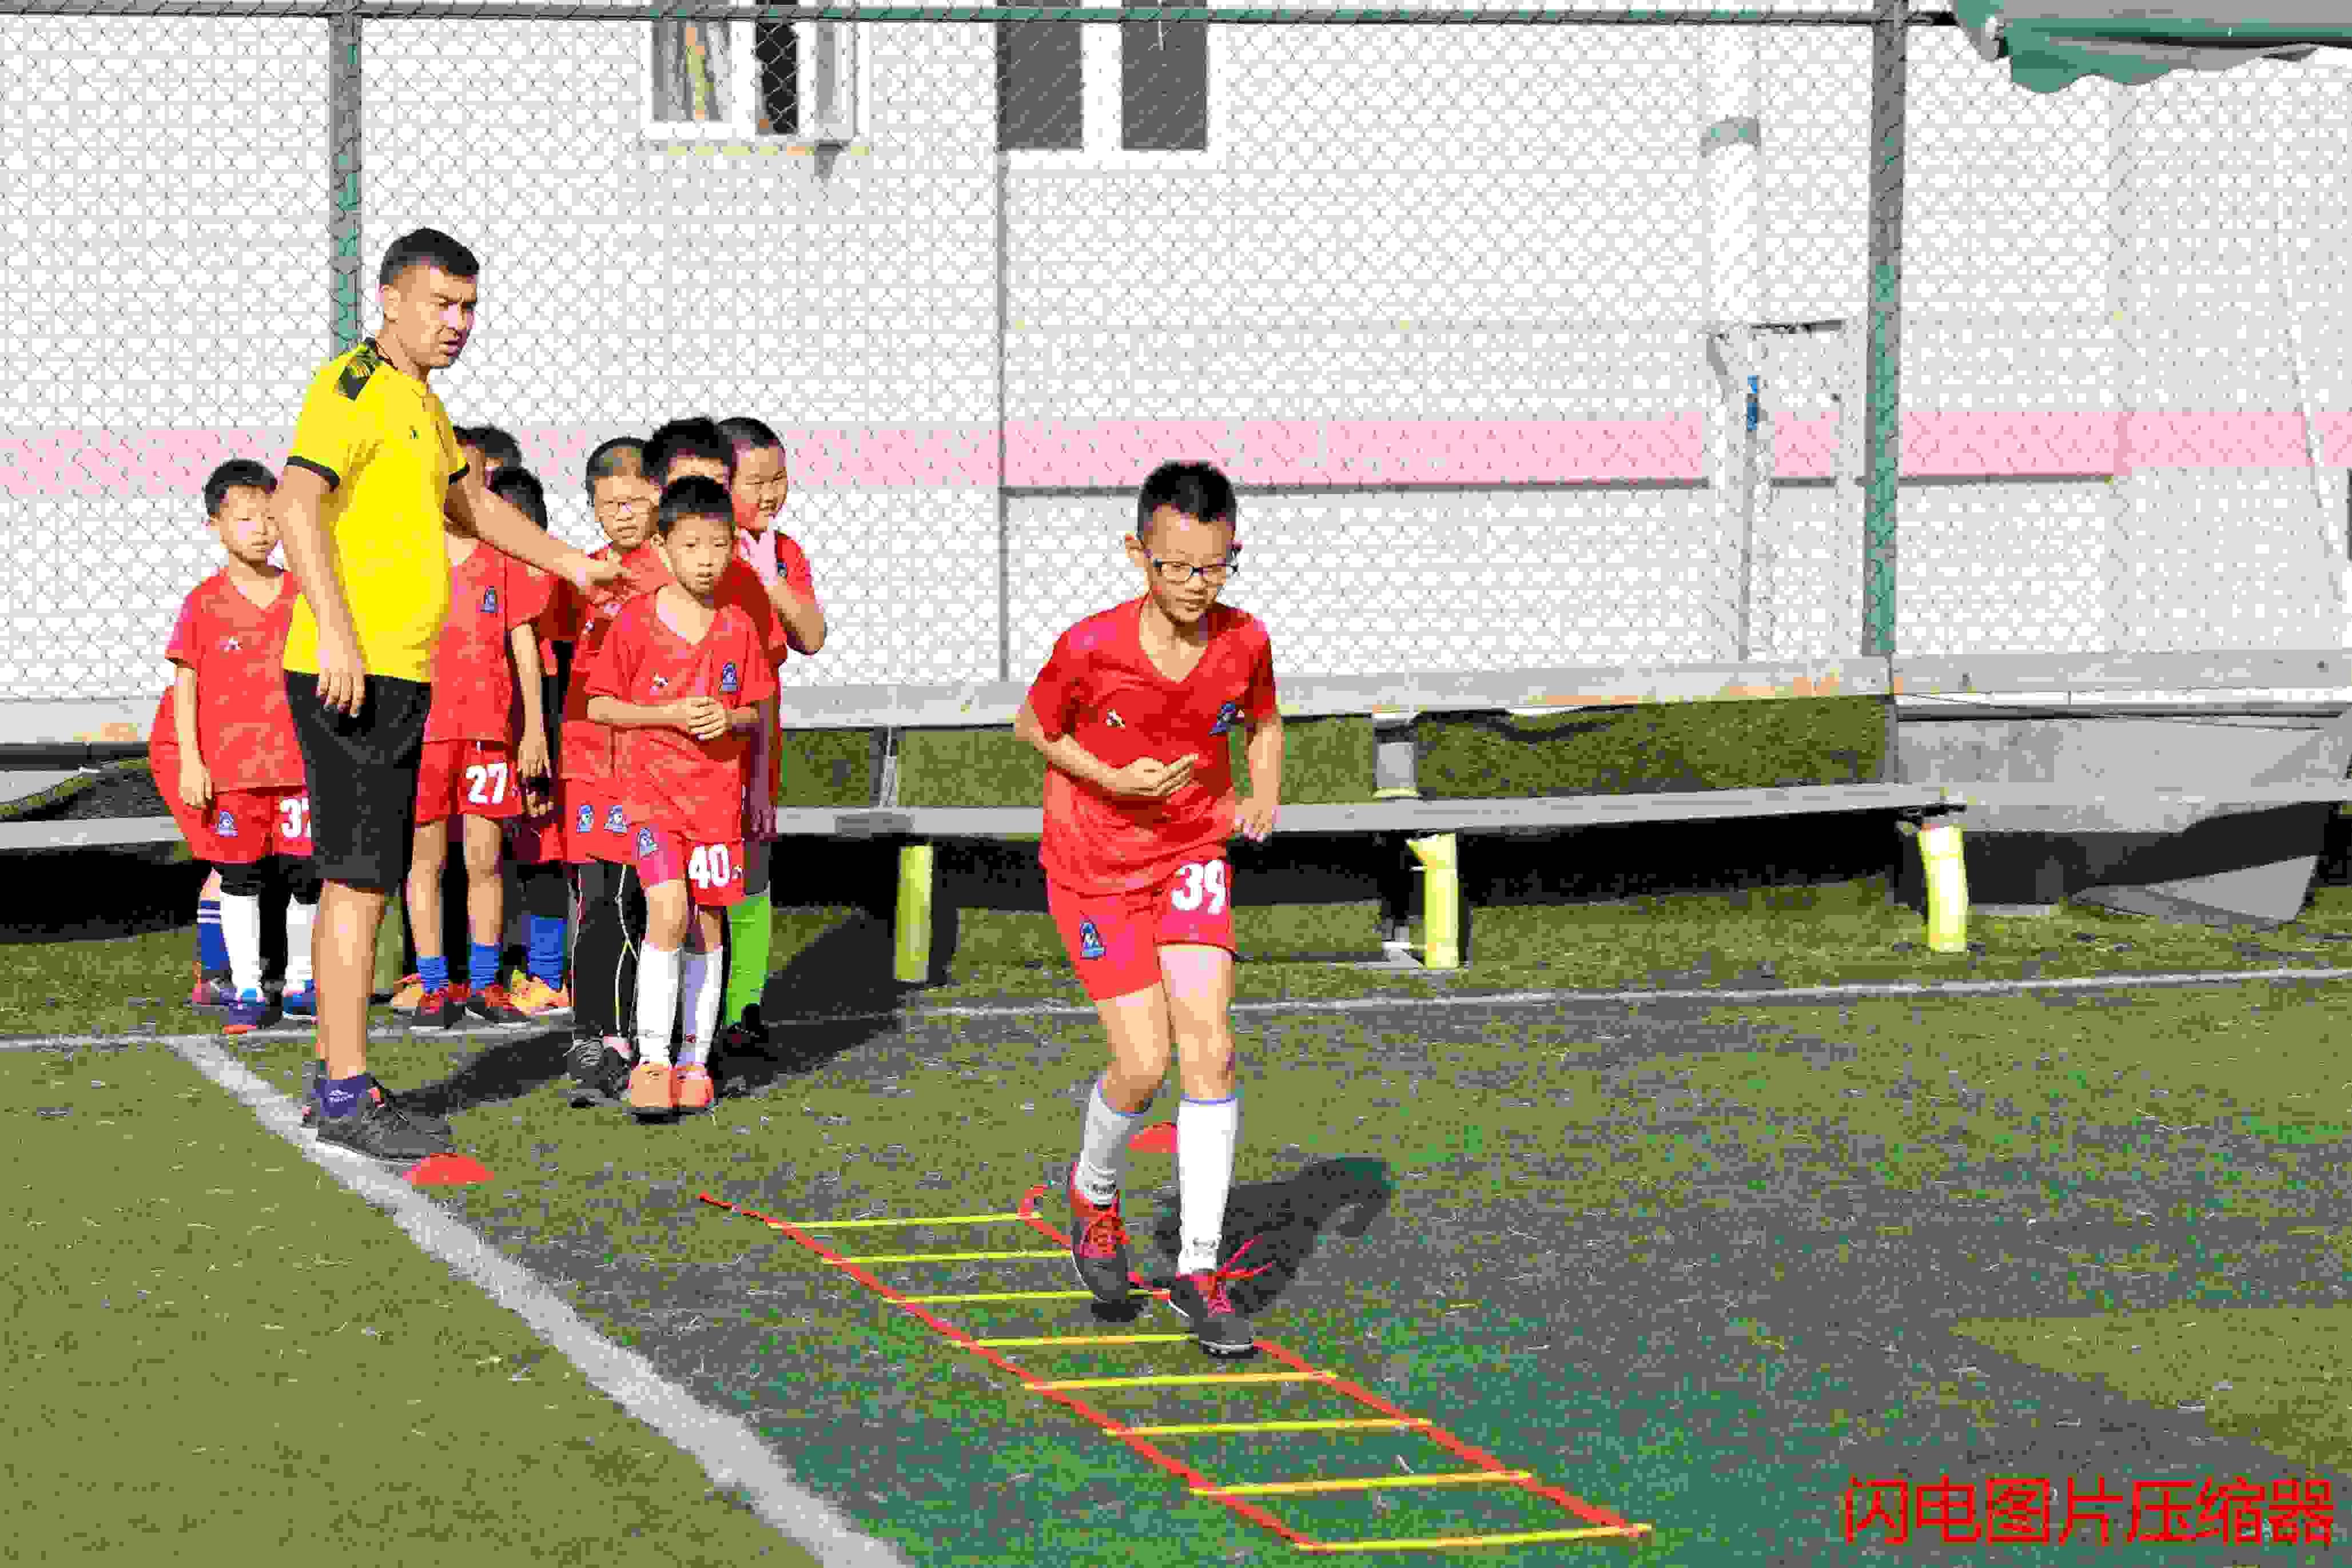 羅湖足球培訓夏令營「奧蘭治體育產業(深圳)供應」